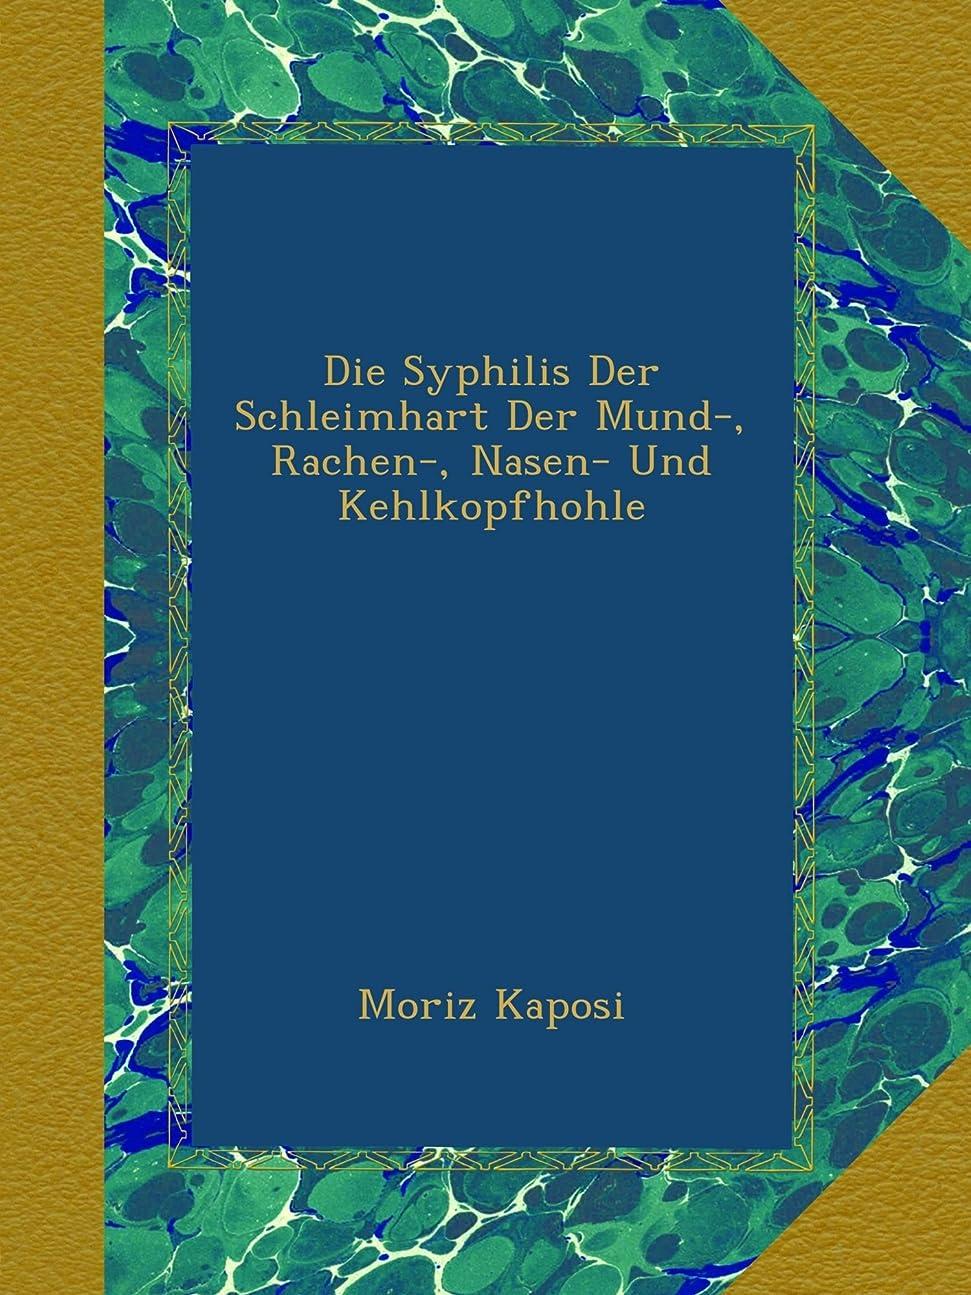 生産性イタリアの同性愛者Die Syphilis Der Schleimhart Der Mund-, Rachen-, Nasen- Und Kehlkopfhohle